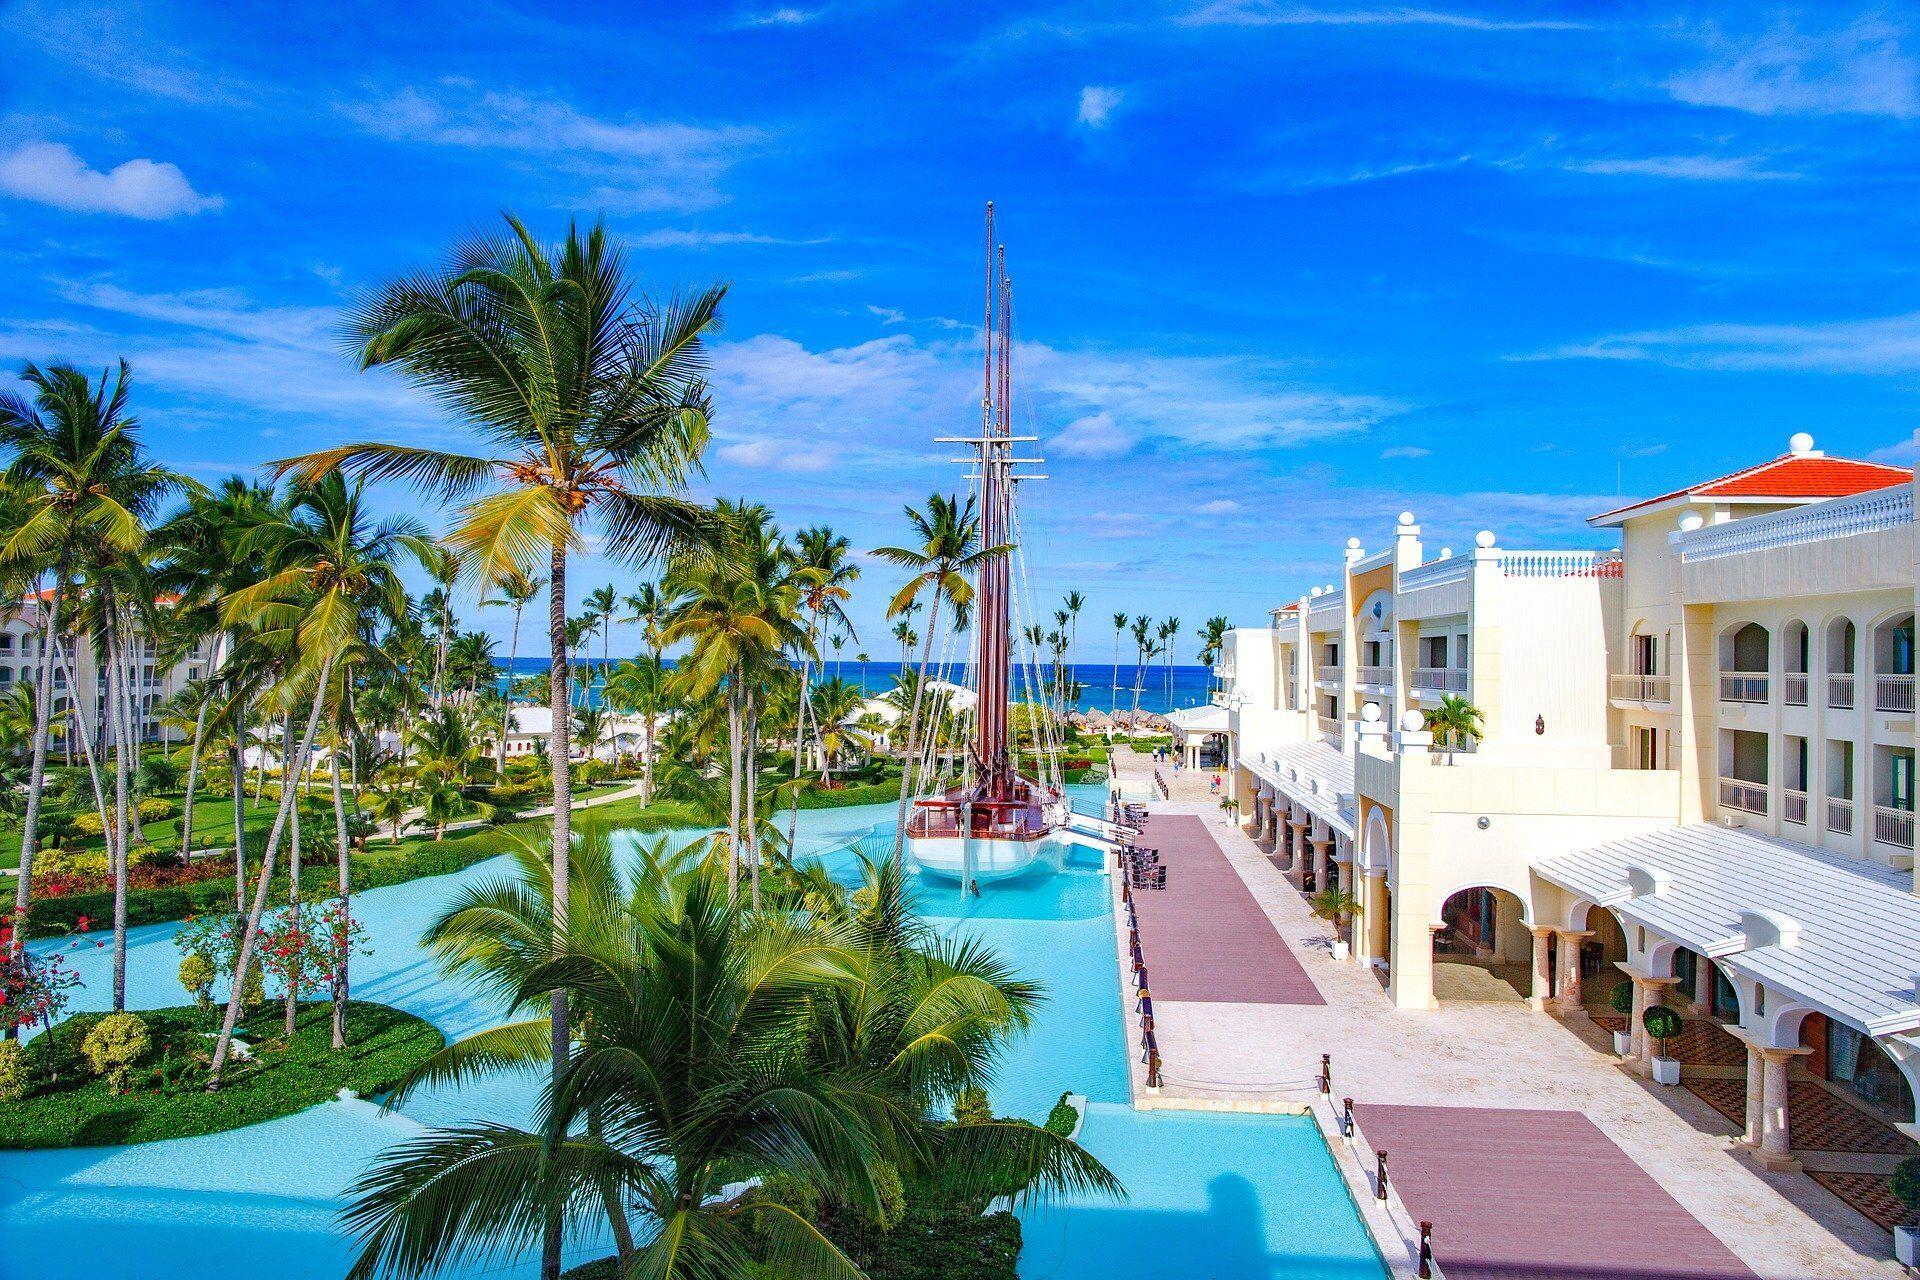 """Попри те, що туроператори пропонують знижки на """"гарячі"""" тури, відпочинок у Домінікані залишається досить дорогим"""